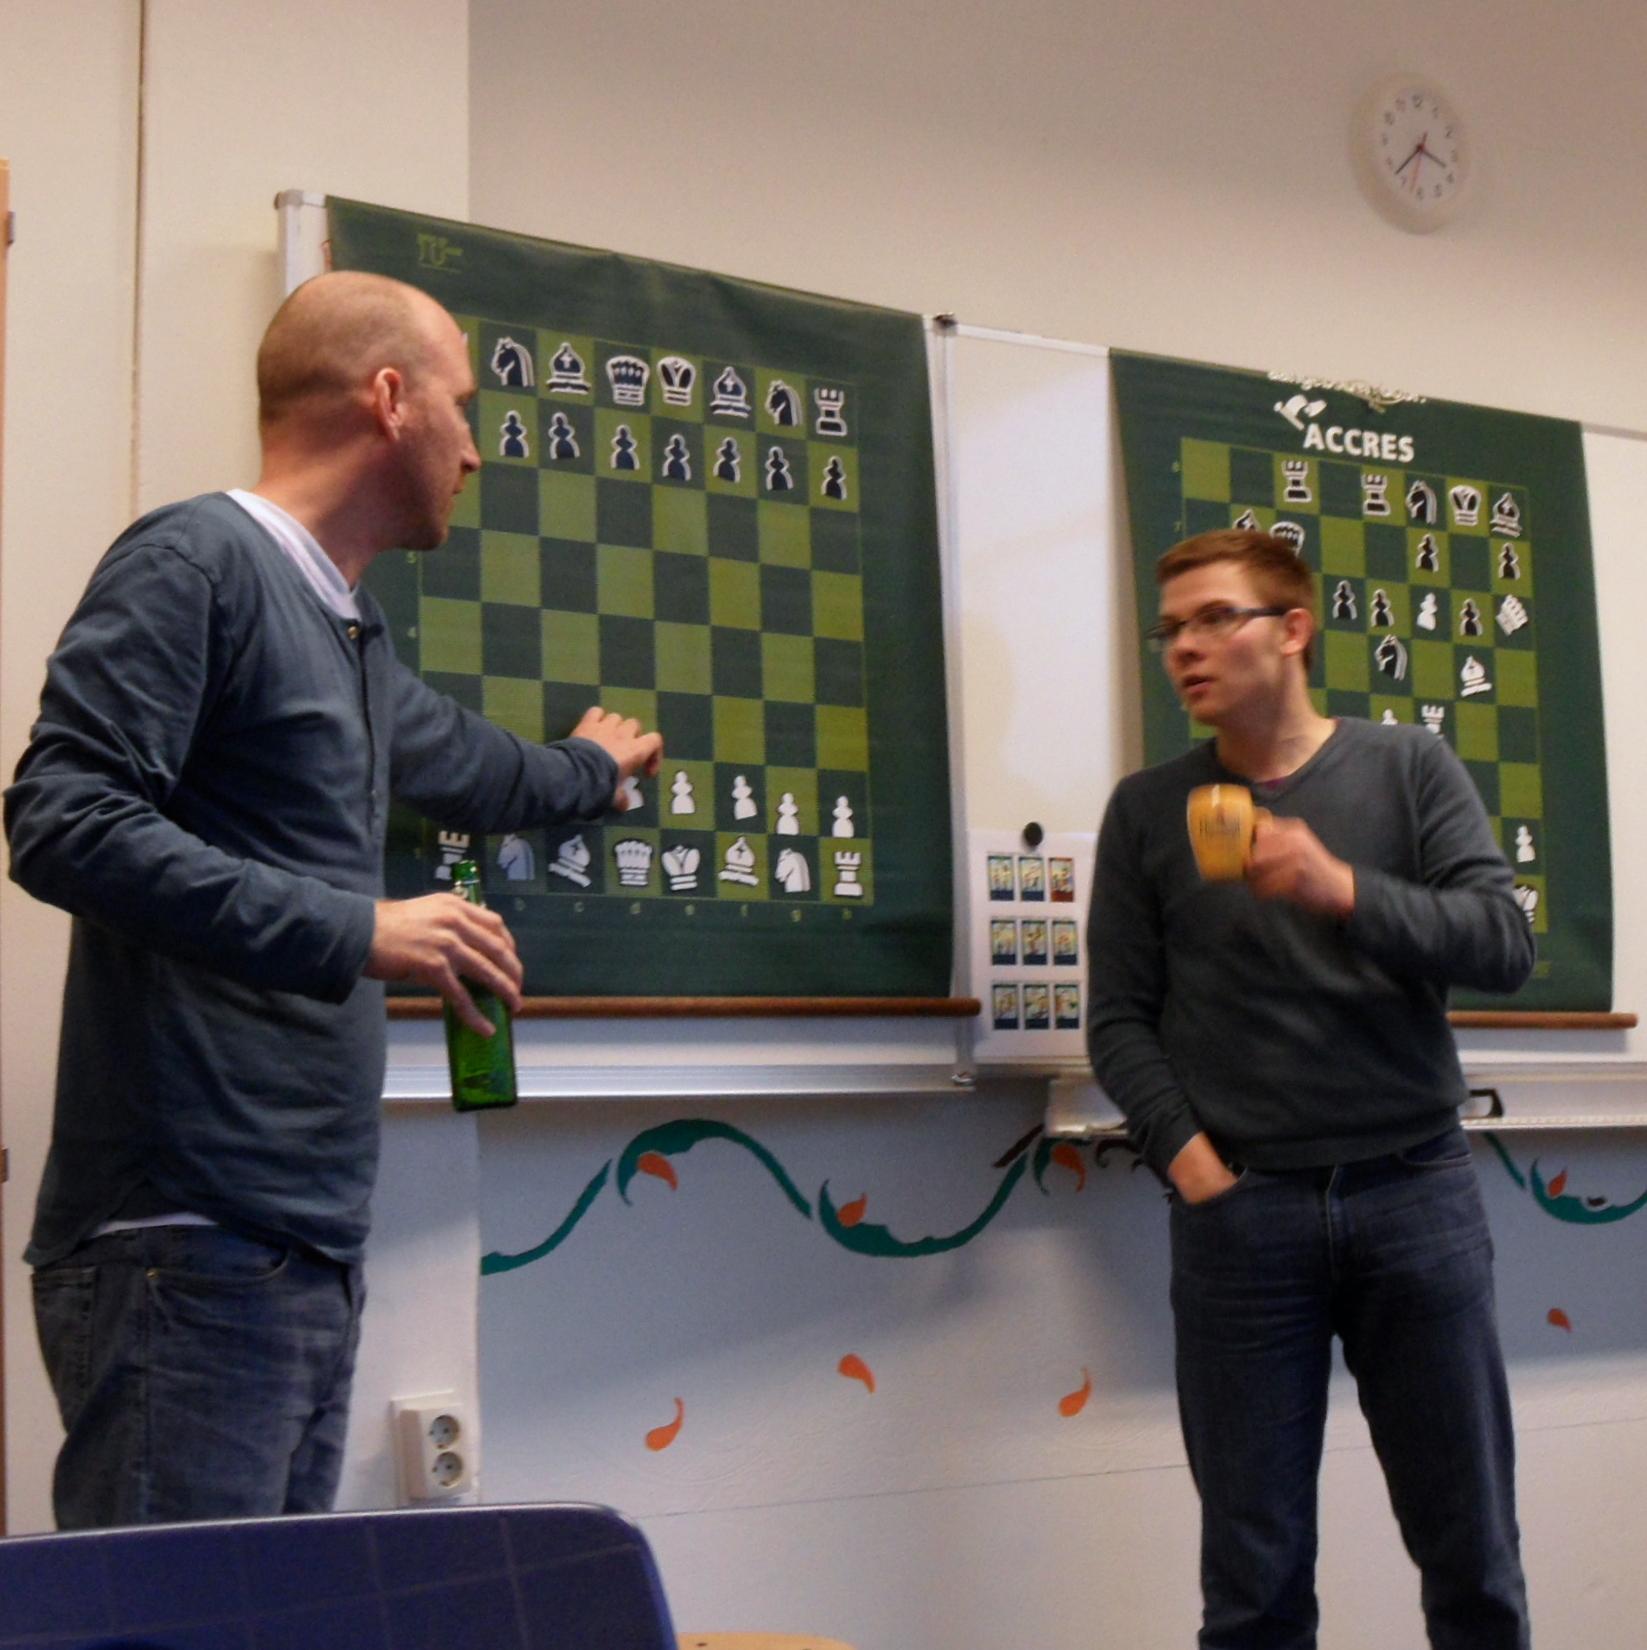 Photo: Duopresentatie met verschillende consumpties (Merijn van Delft en Pieter Roggeveen)